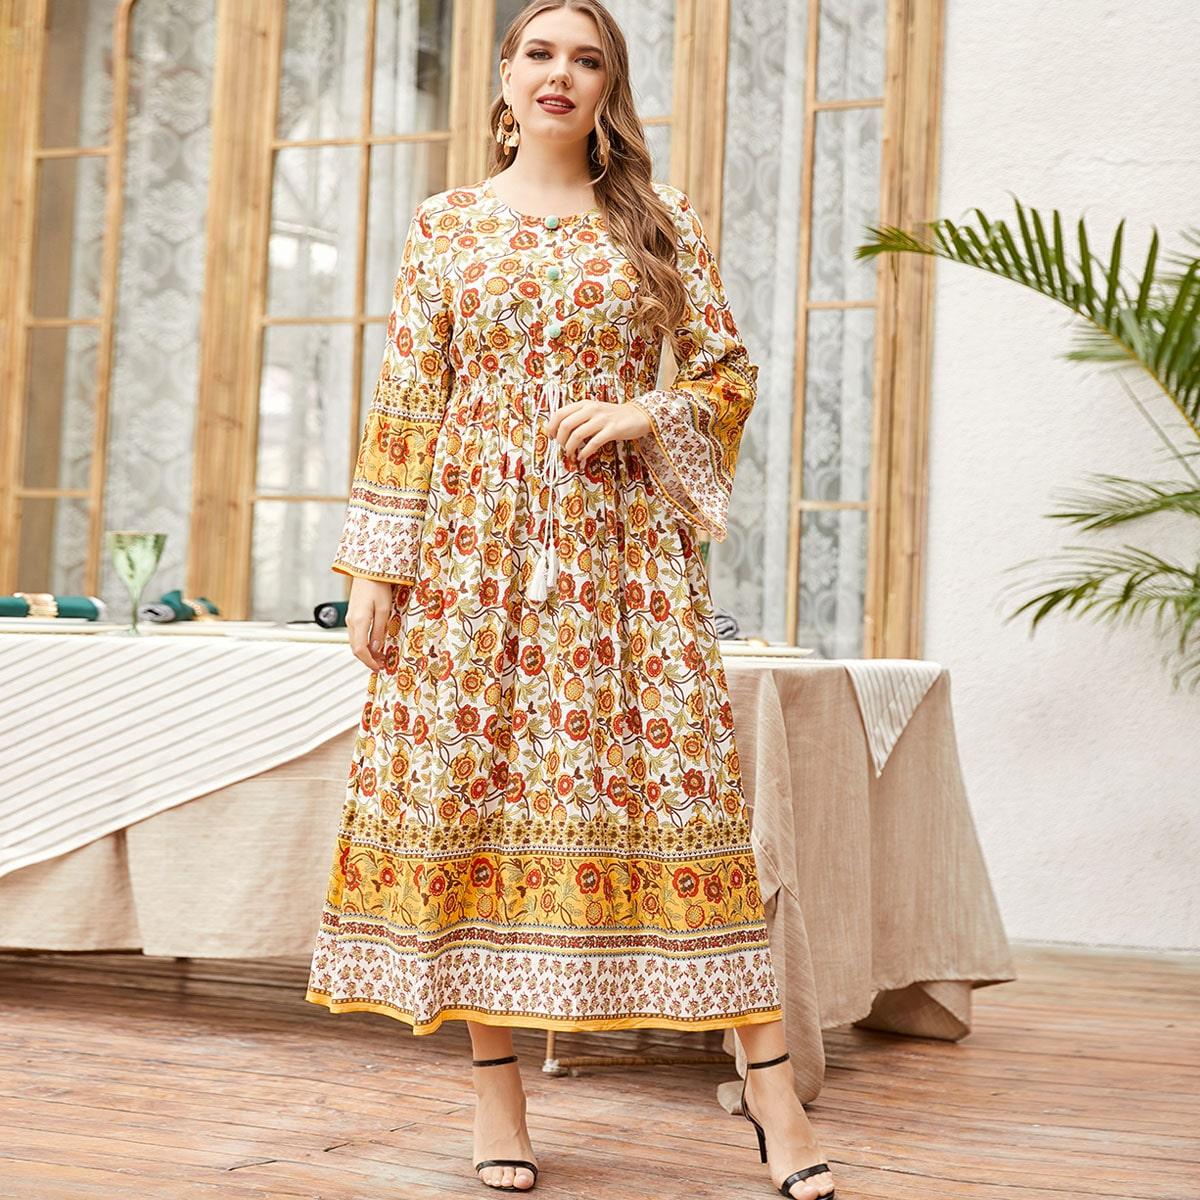 Платье размера плюс с цветочным принтом и бахромой